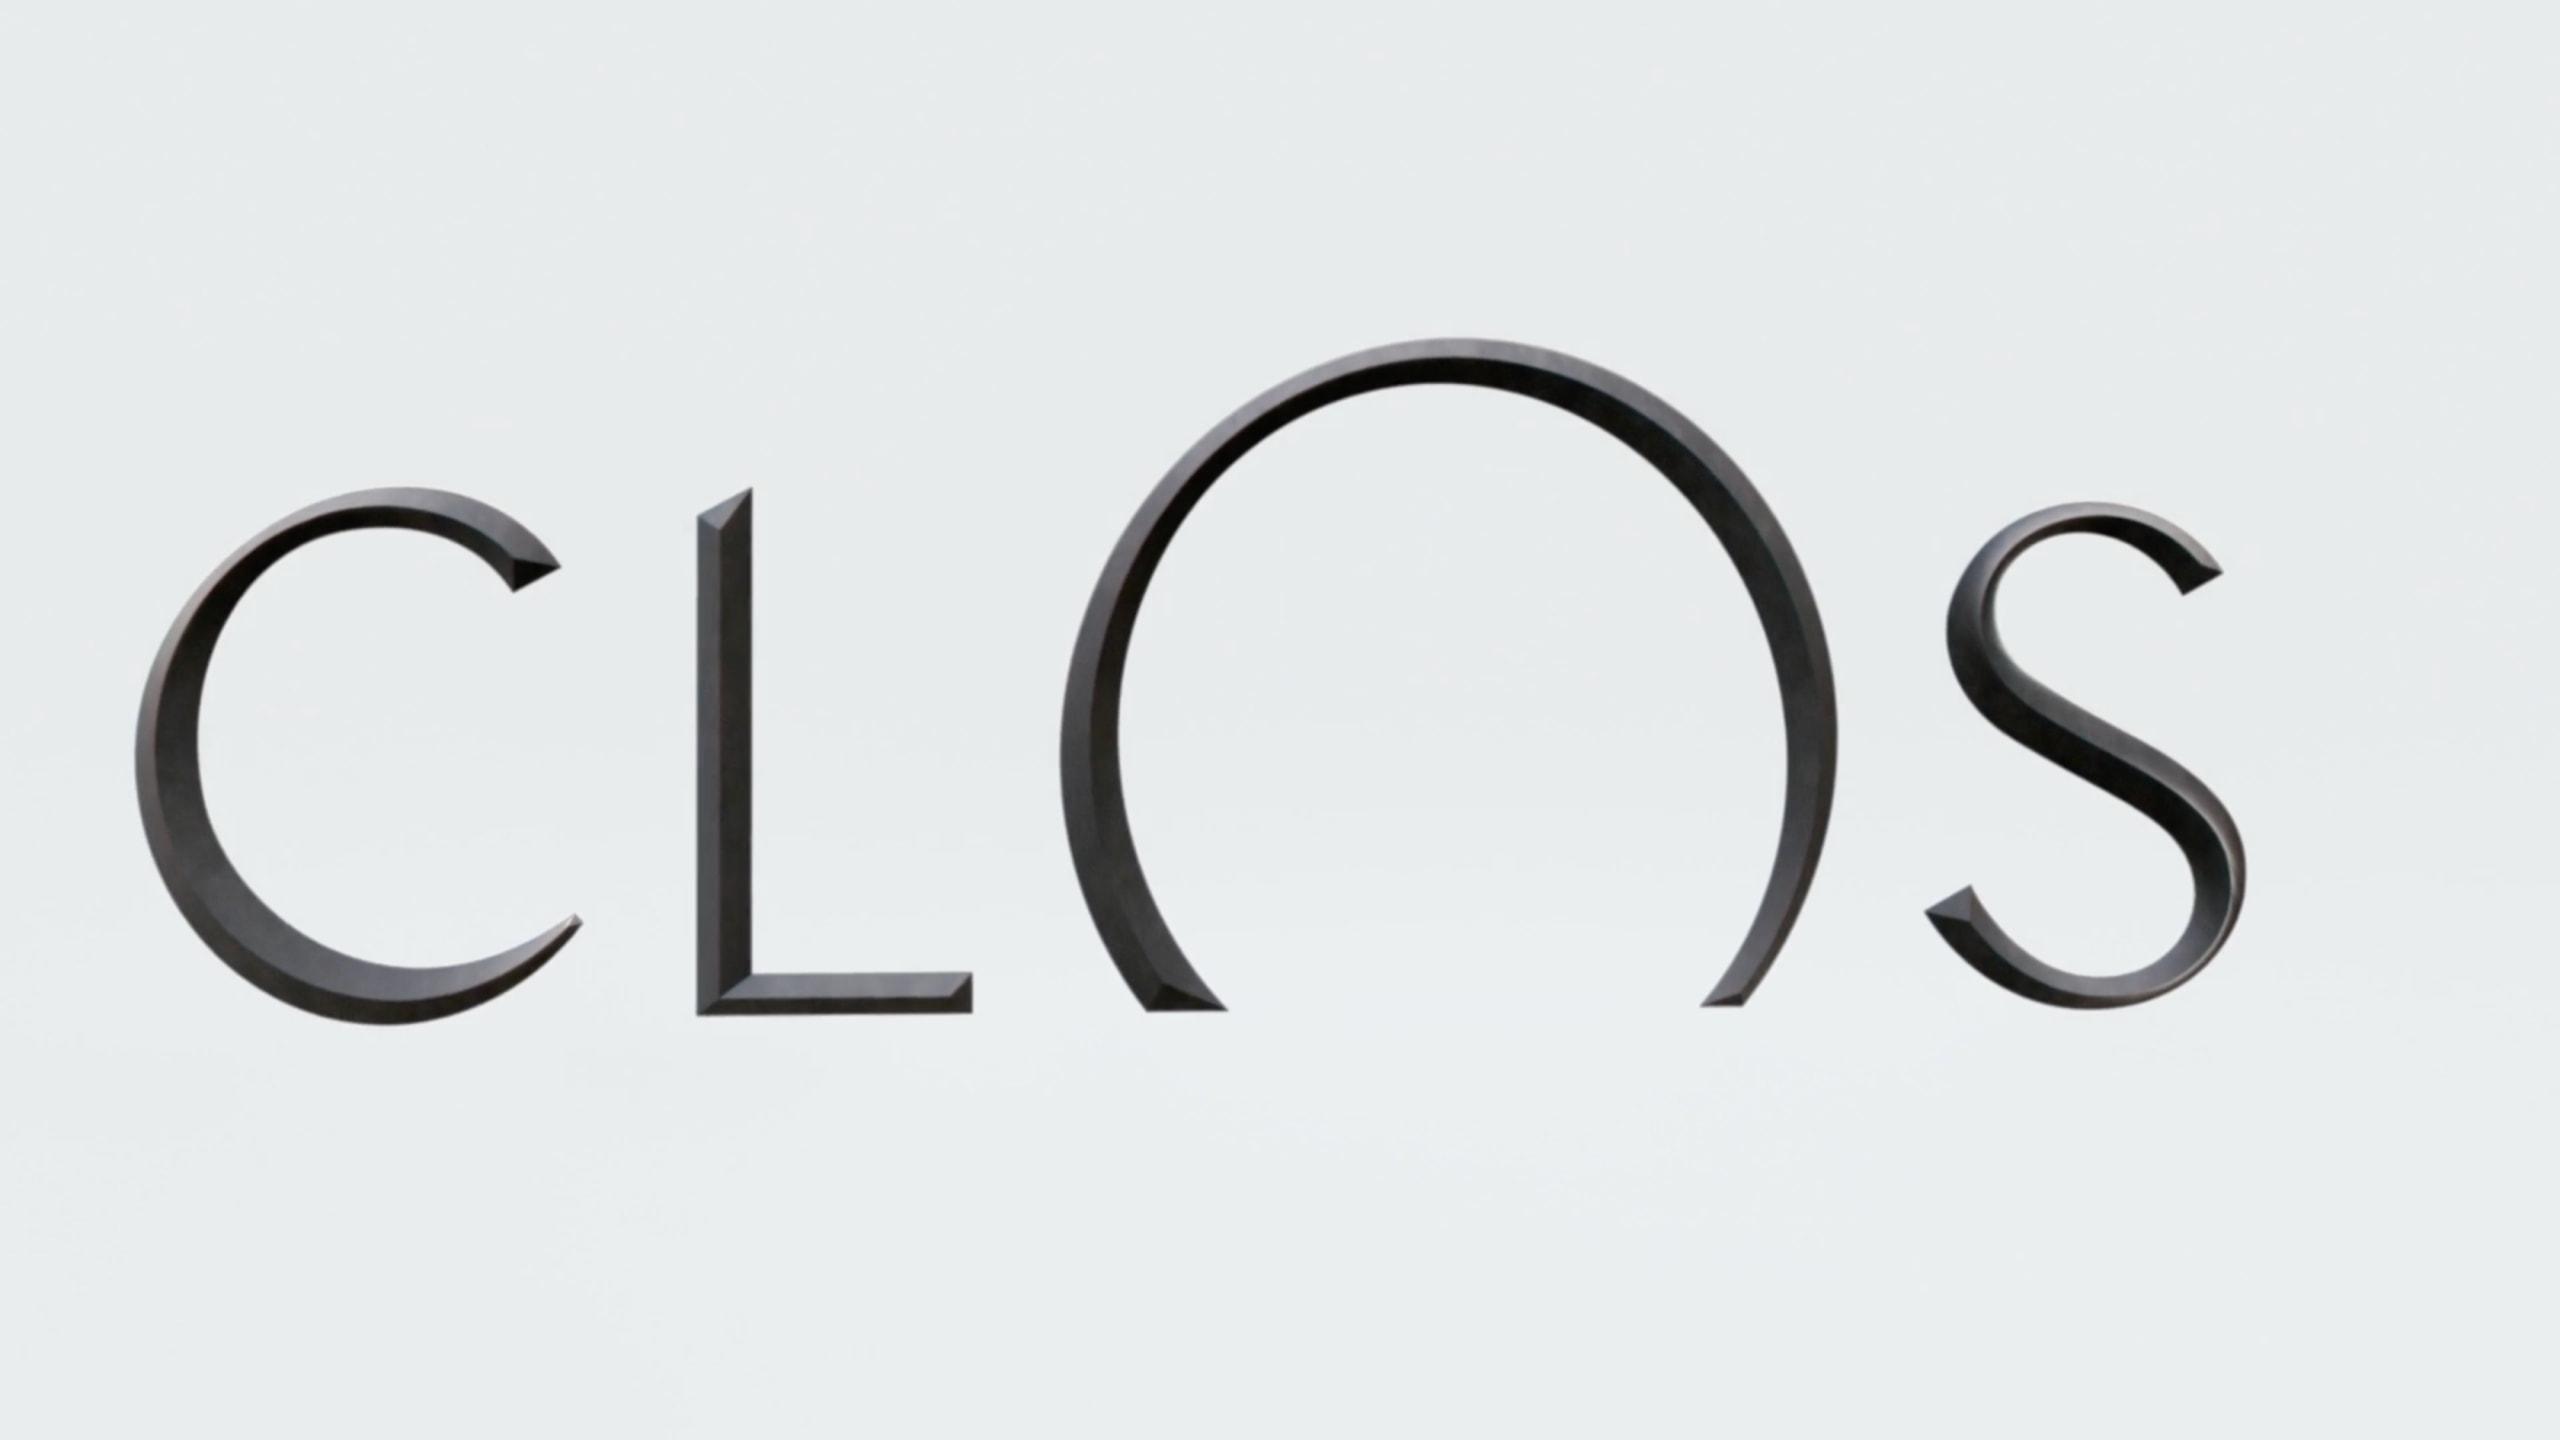 Studio Sander Plug – Clos19 - A Step into the Exceptional